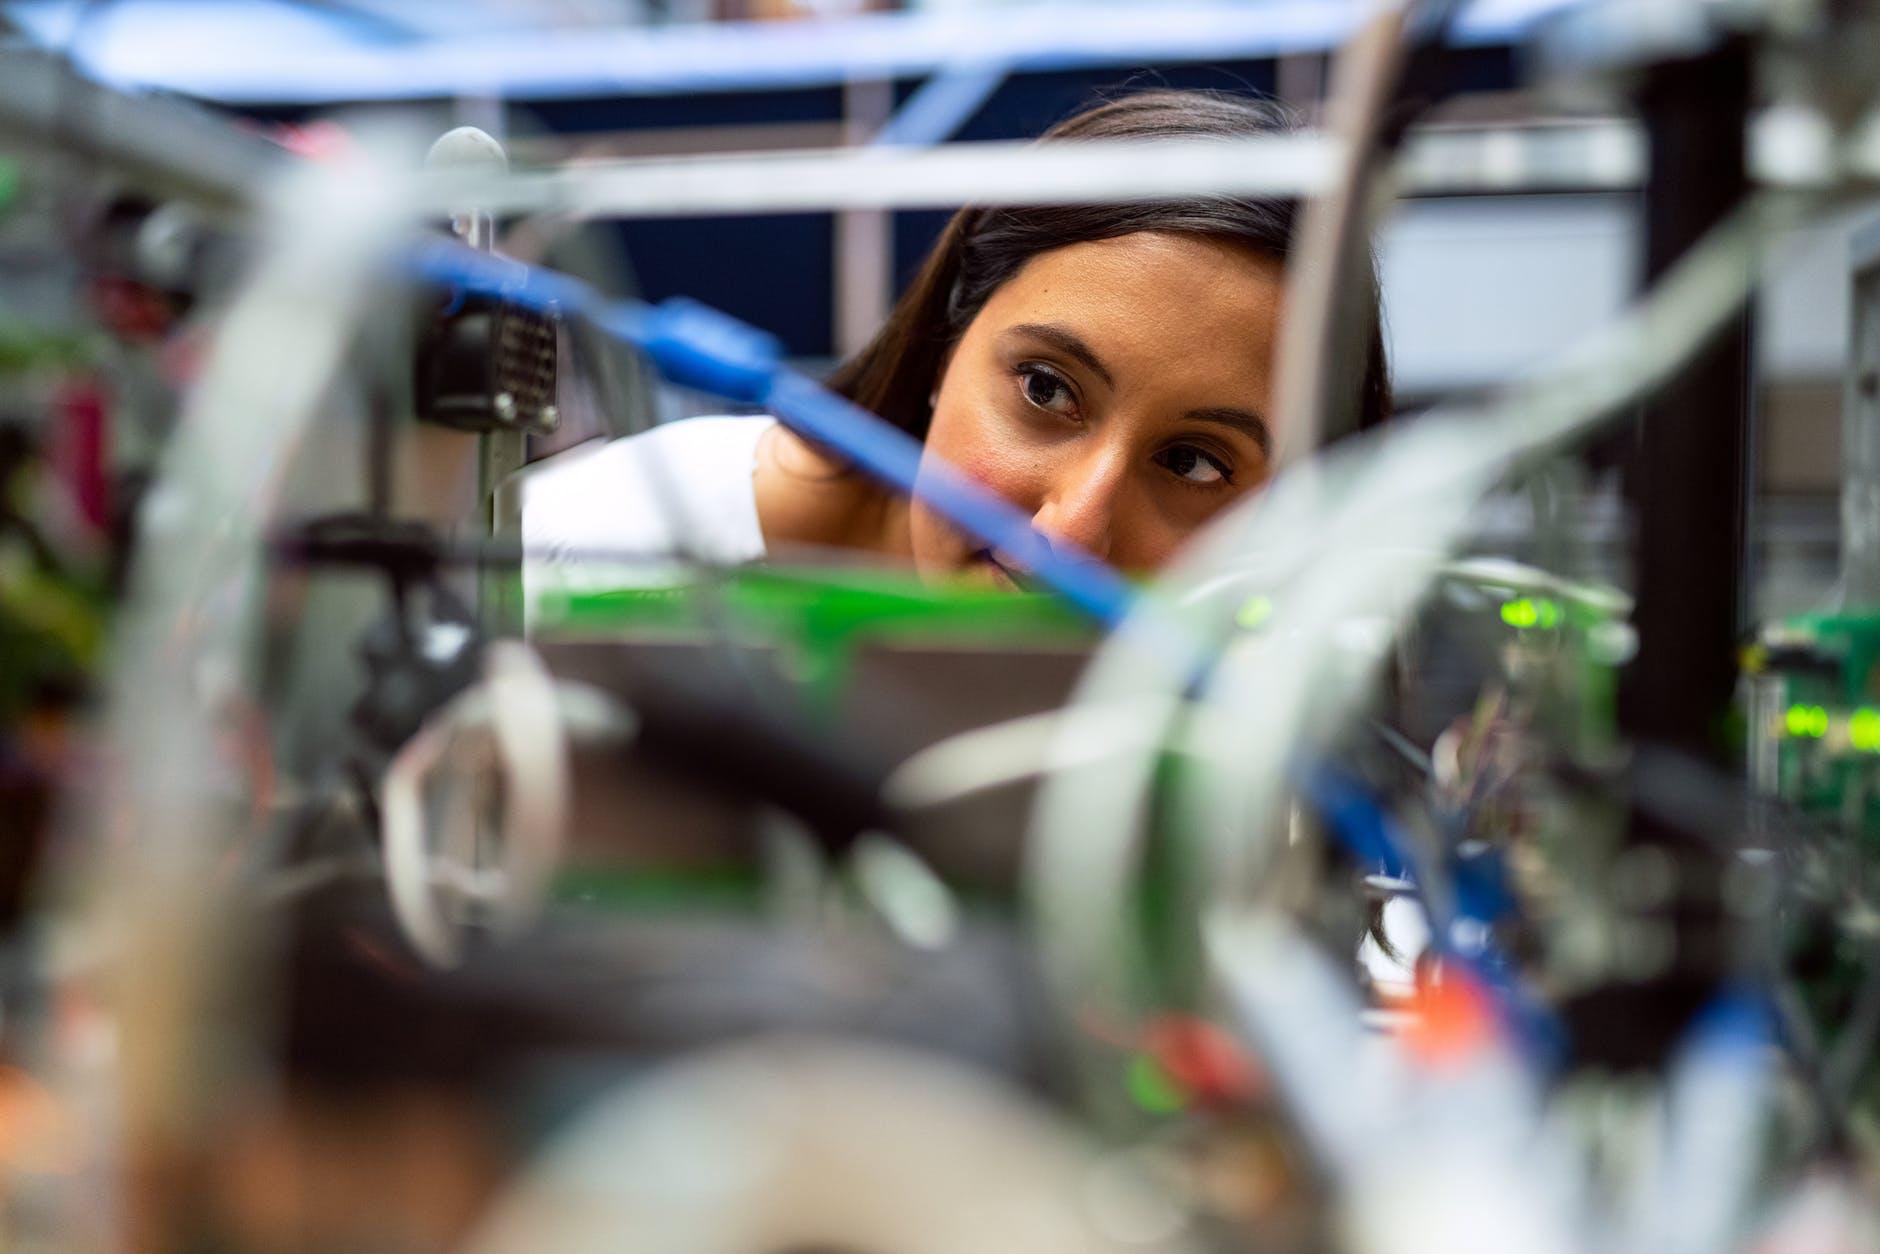 Las mujeres representan sólo el 20,7% del empleo industrial formal